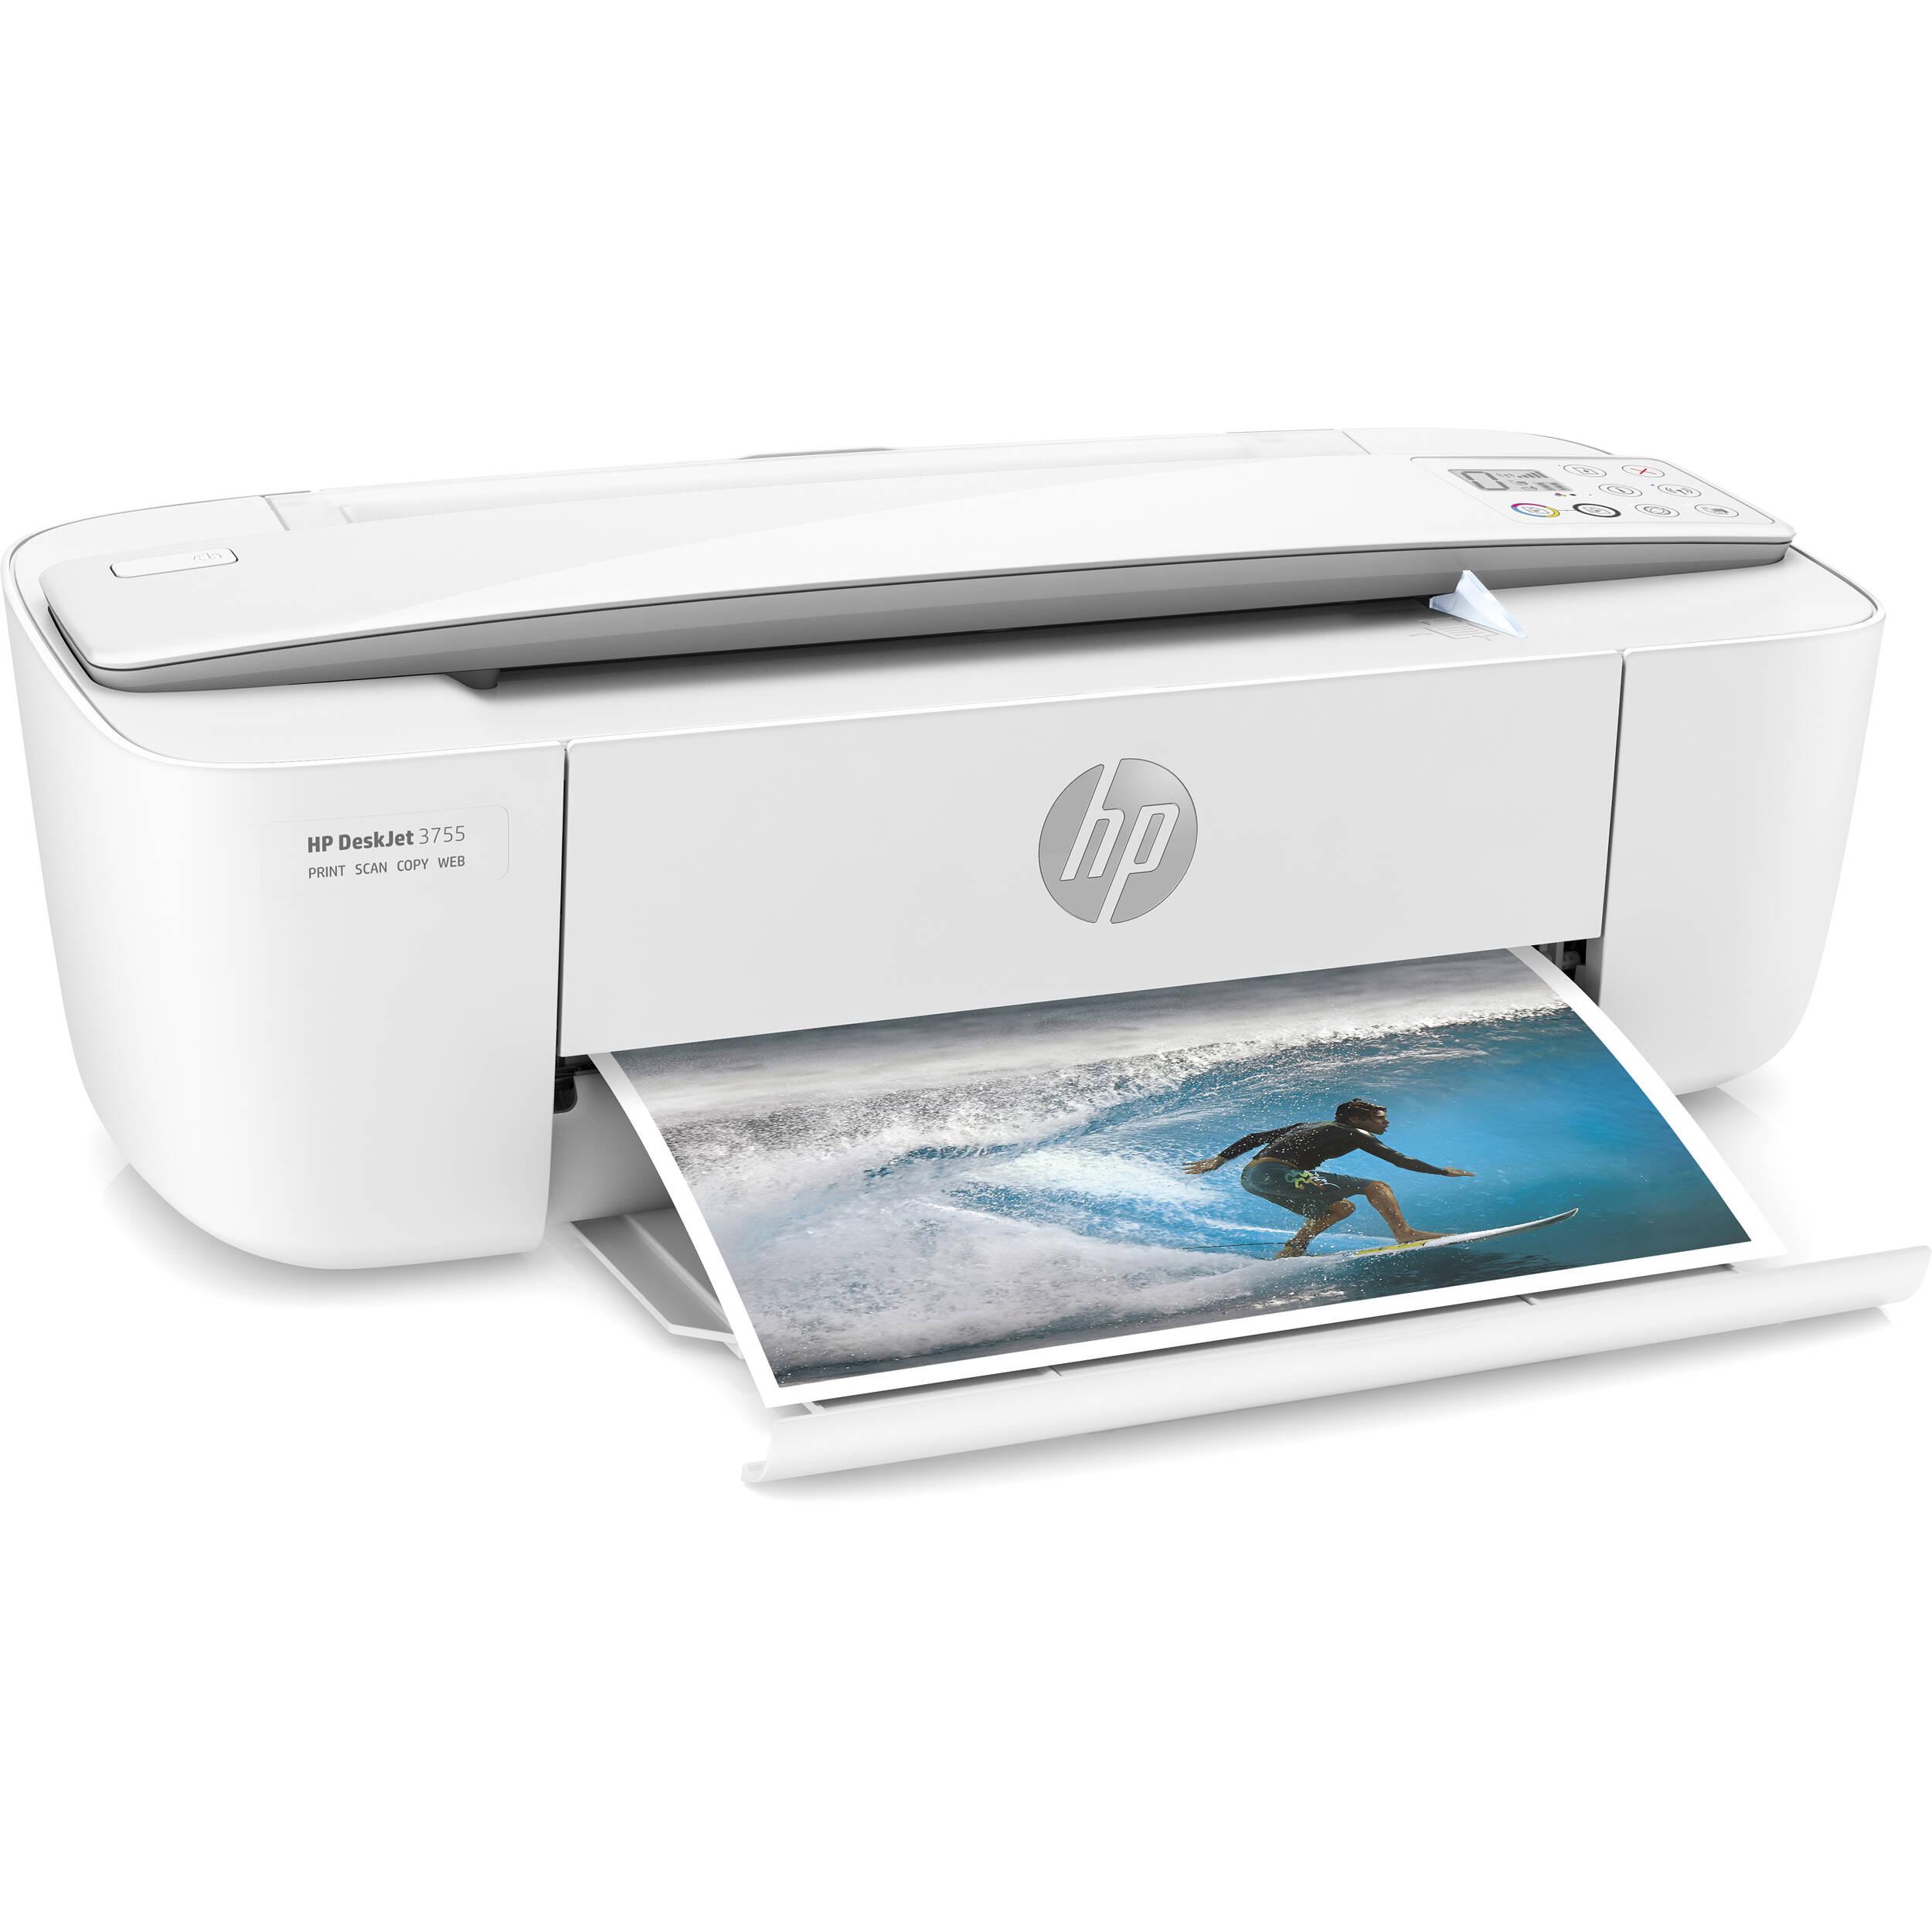 Hp printer inkjet